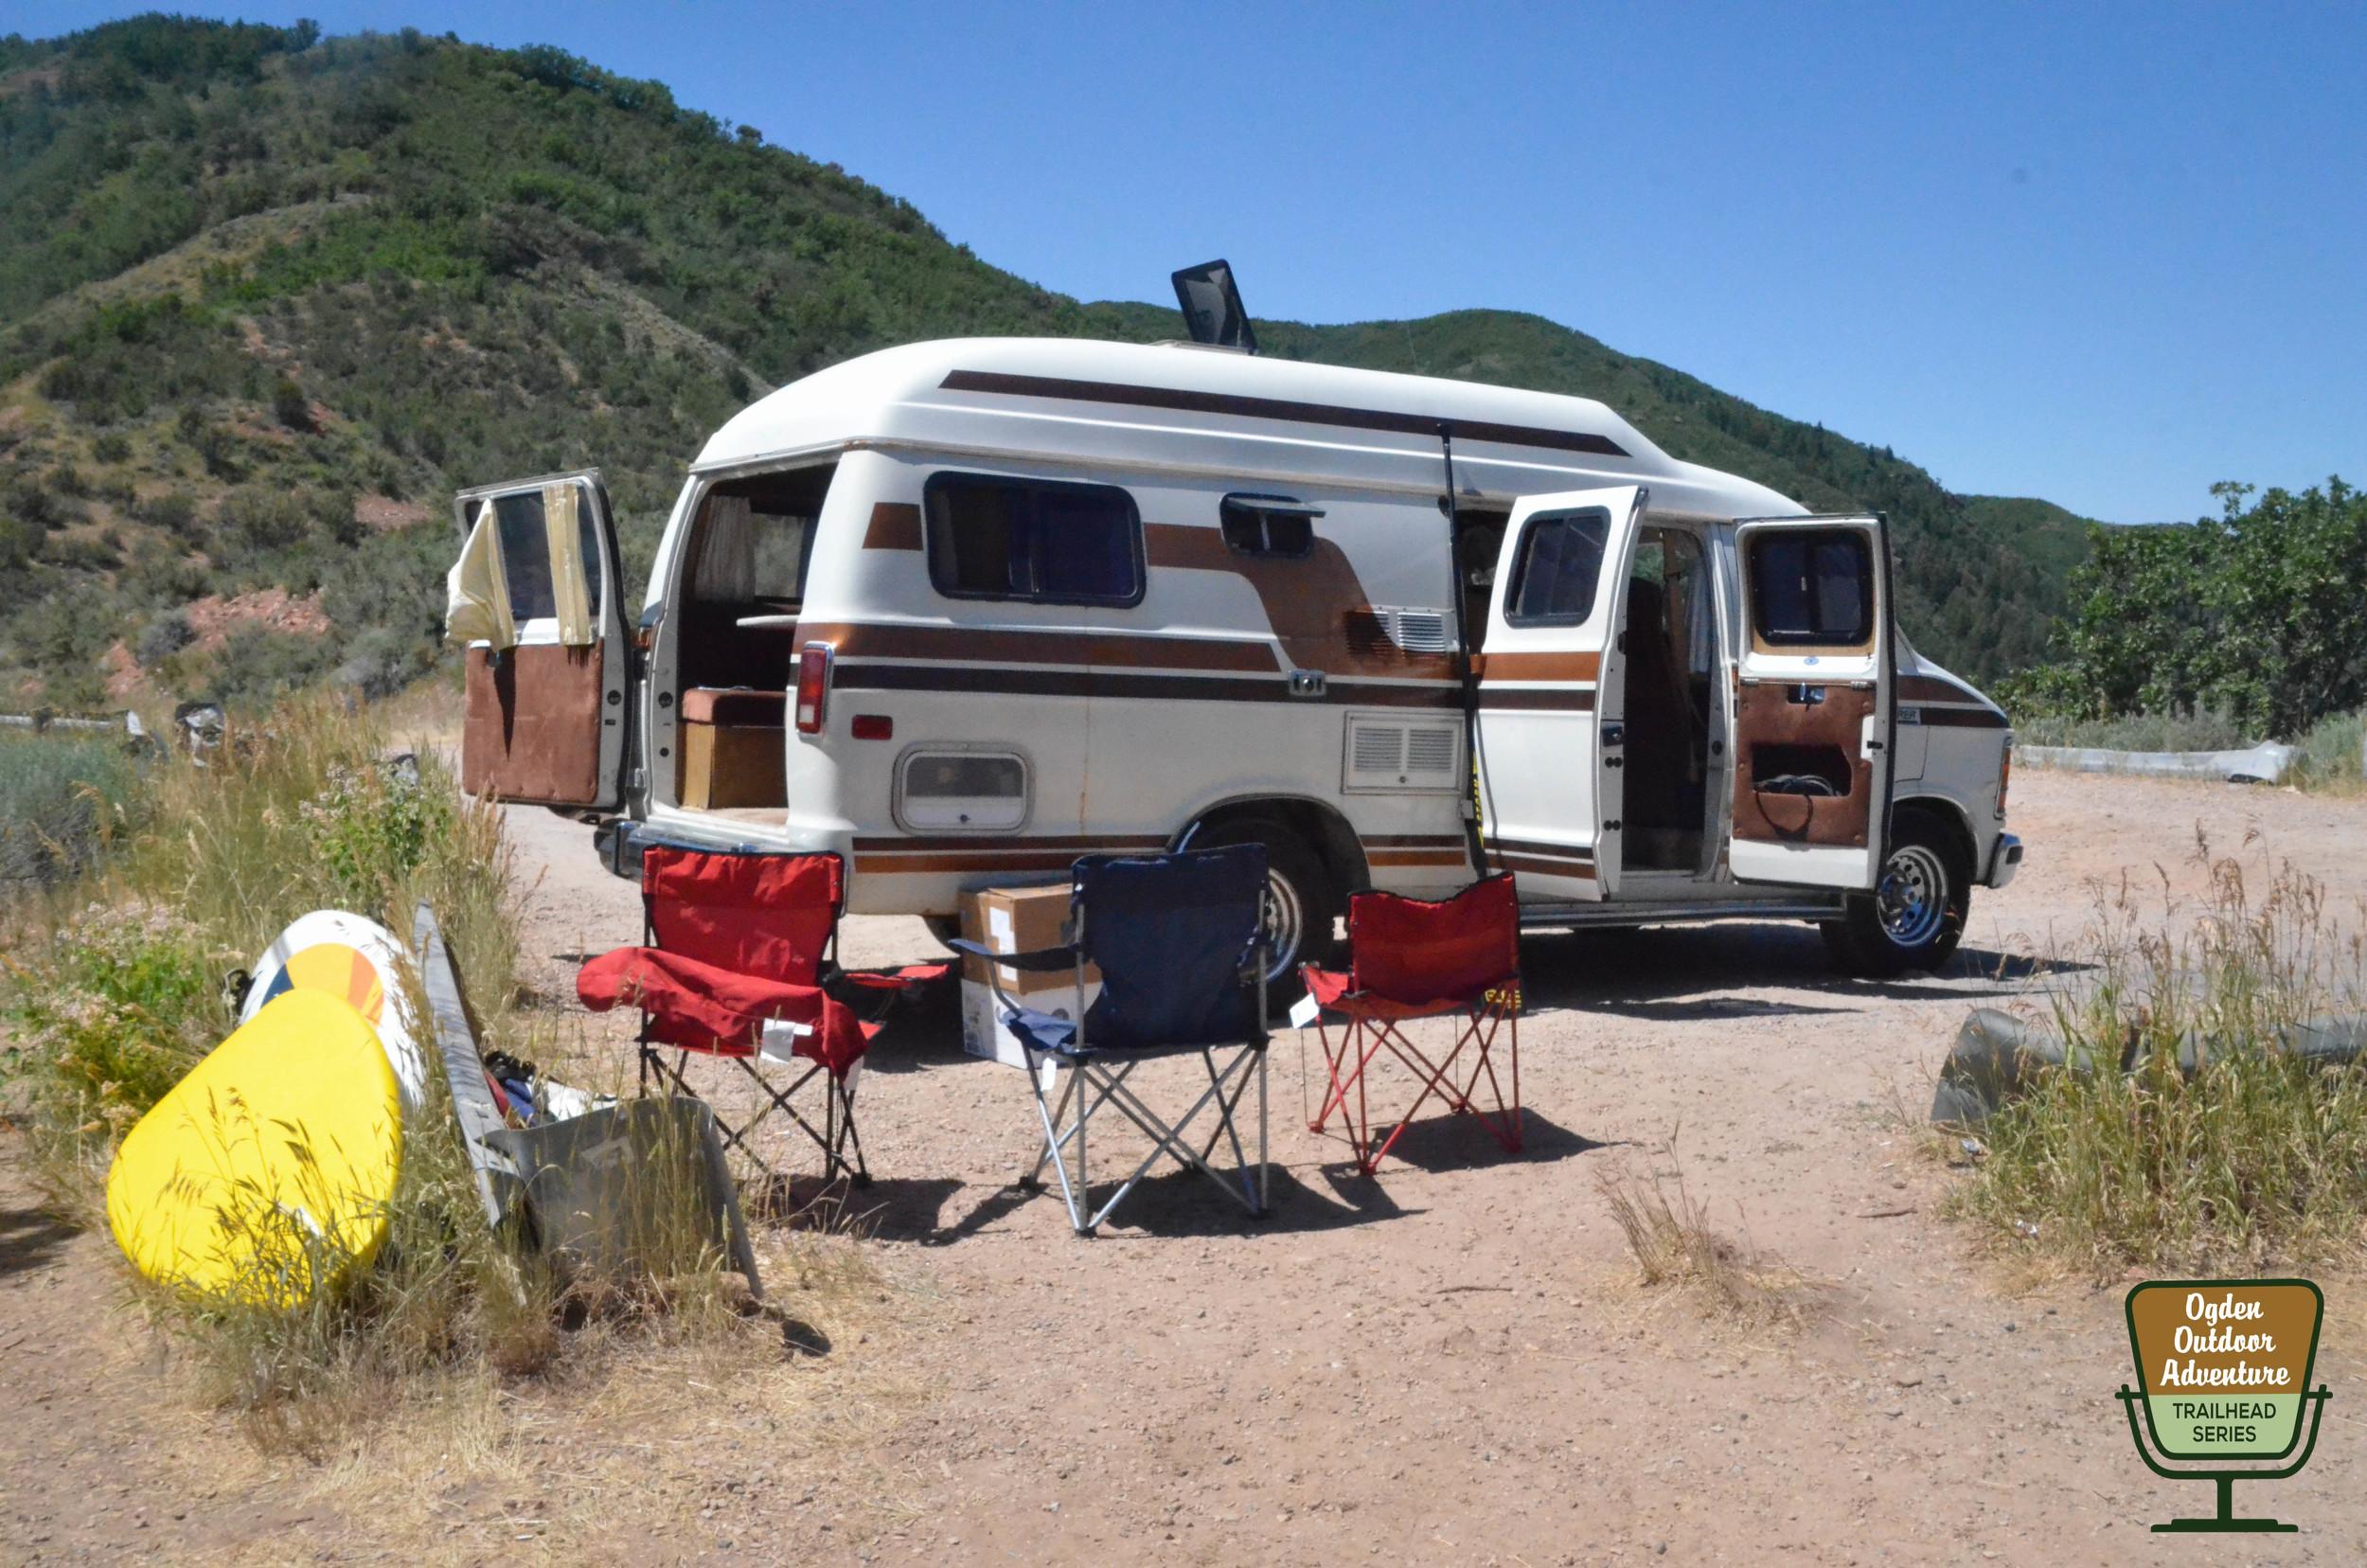 Ogden Outdoor Adventure Show 244 Causey-1.jpg